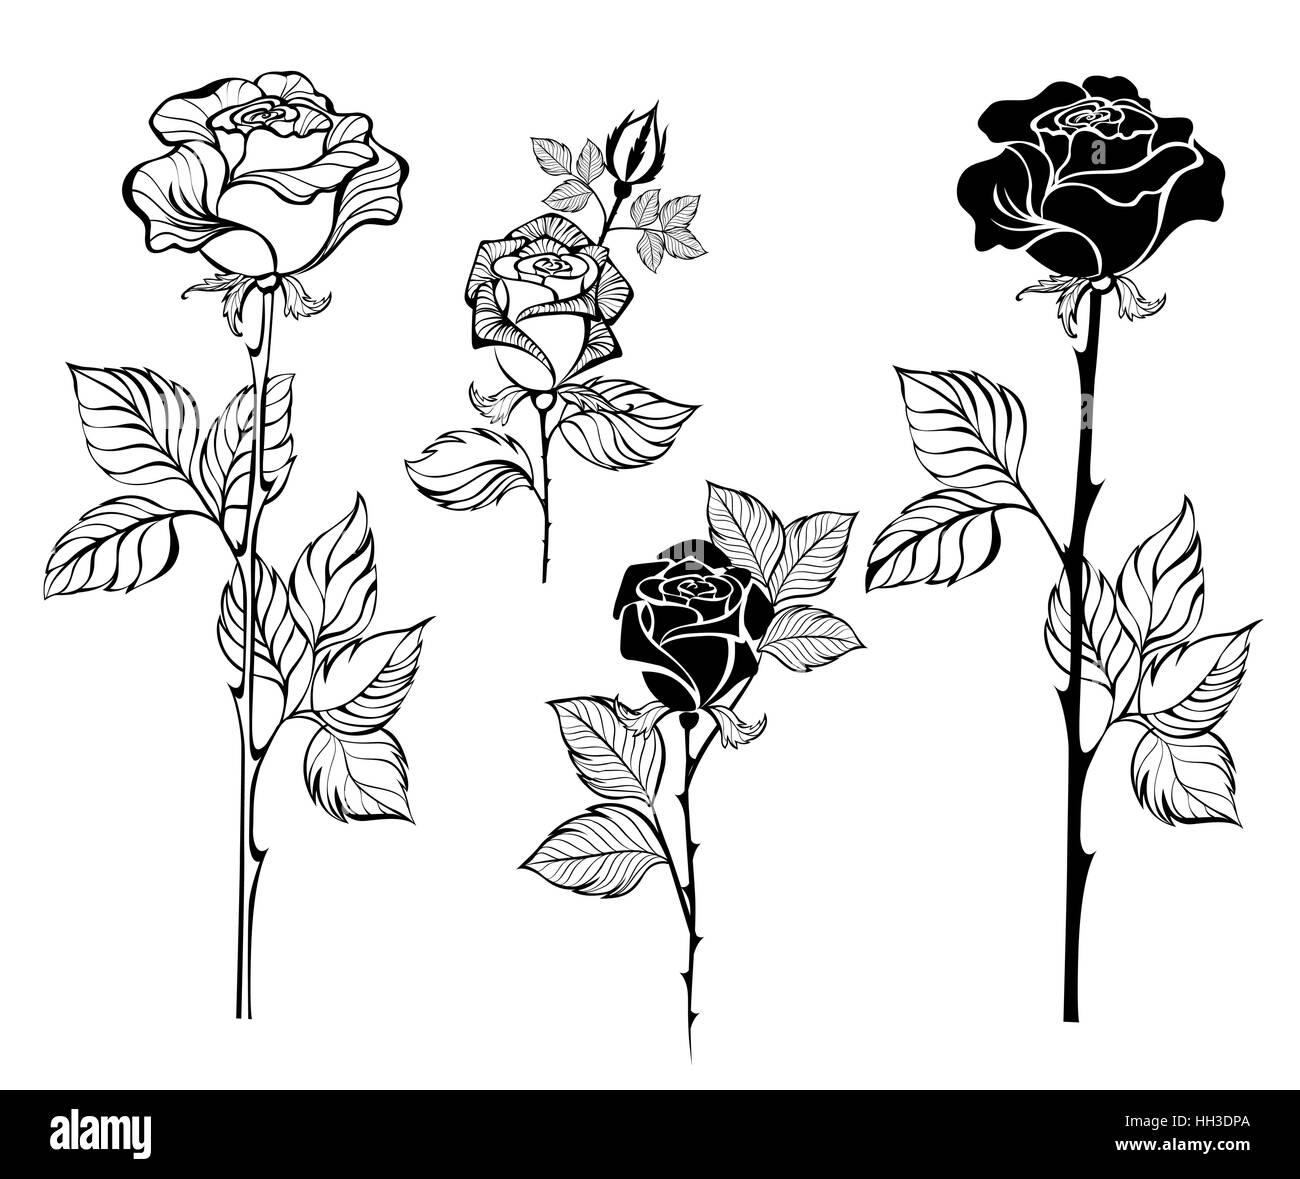 reihe von gemalte kunst kontur rosen auf wei em. Black Bedroom Furniture Sets. Home Design Ideas